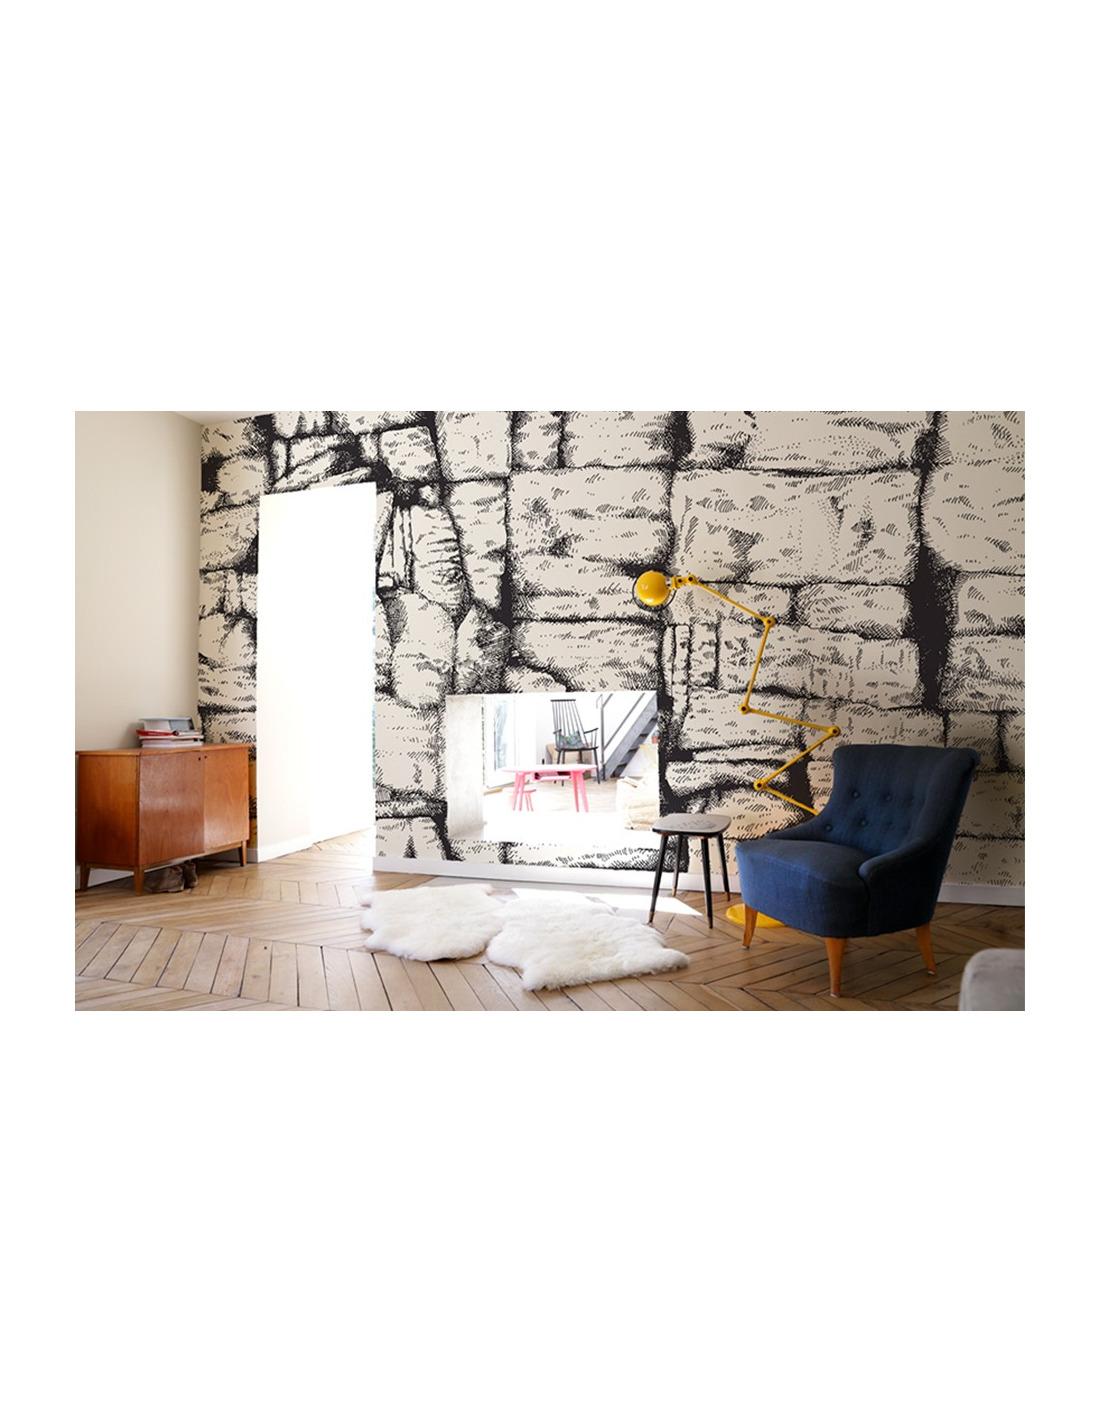 poser du papier peint intiss awesome papier peint vinyle sur intiss aurora marron larg m with. Black Bedroom Furniture Sets. Home Design Ideas